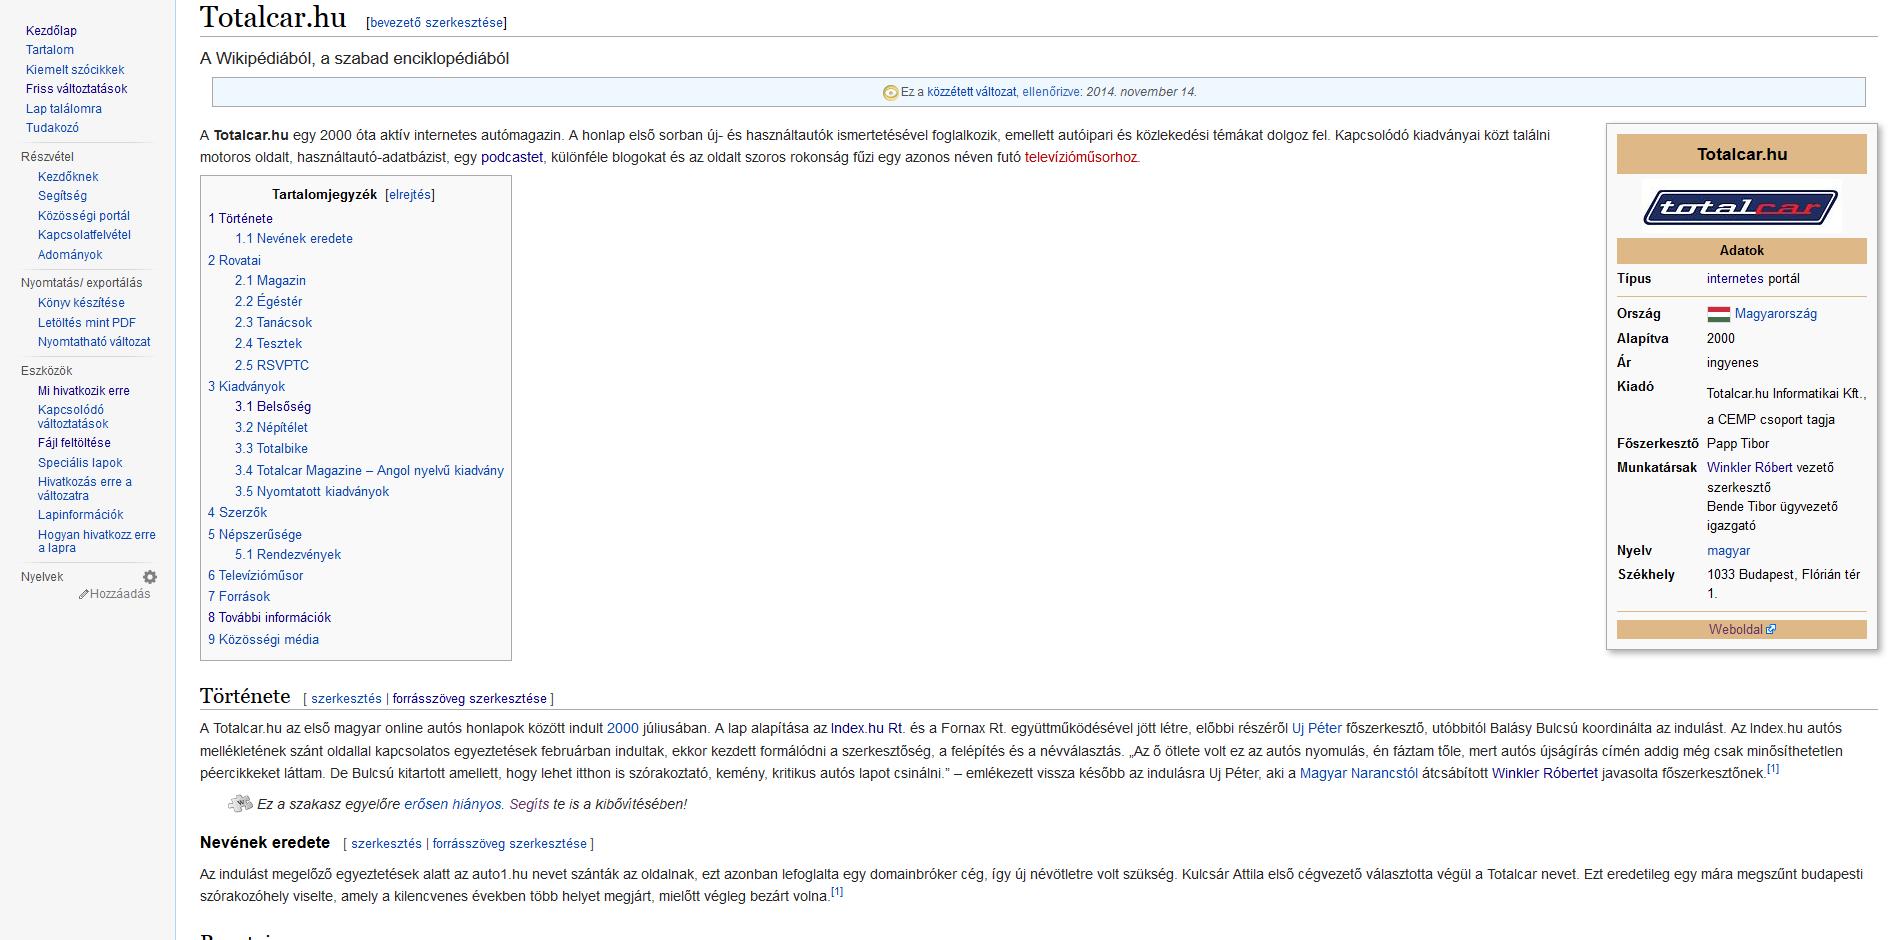 Totalcar-wiki.png